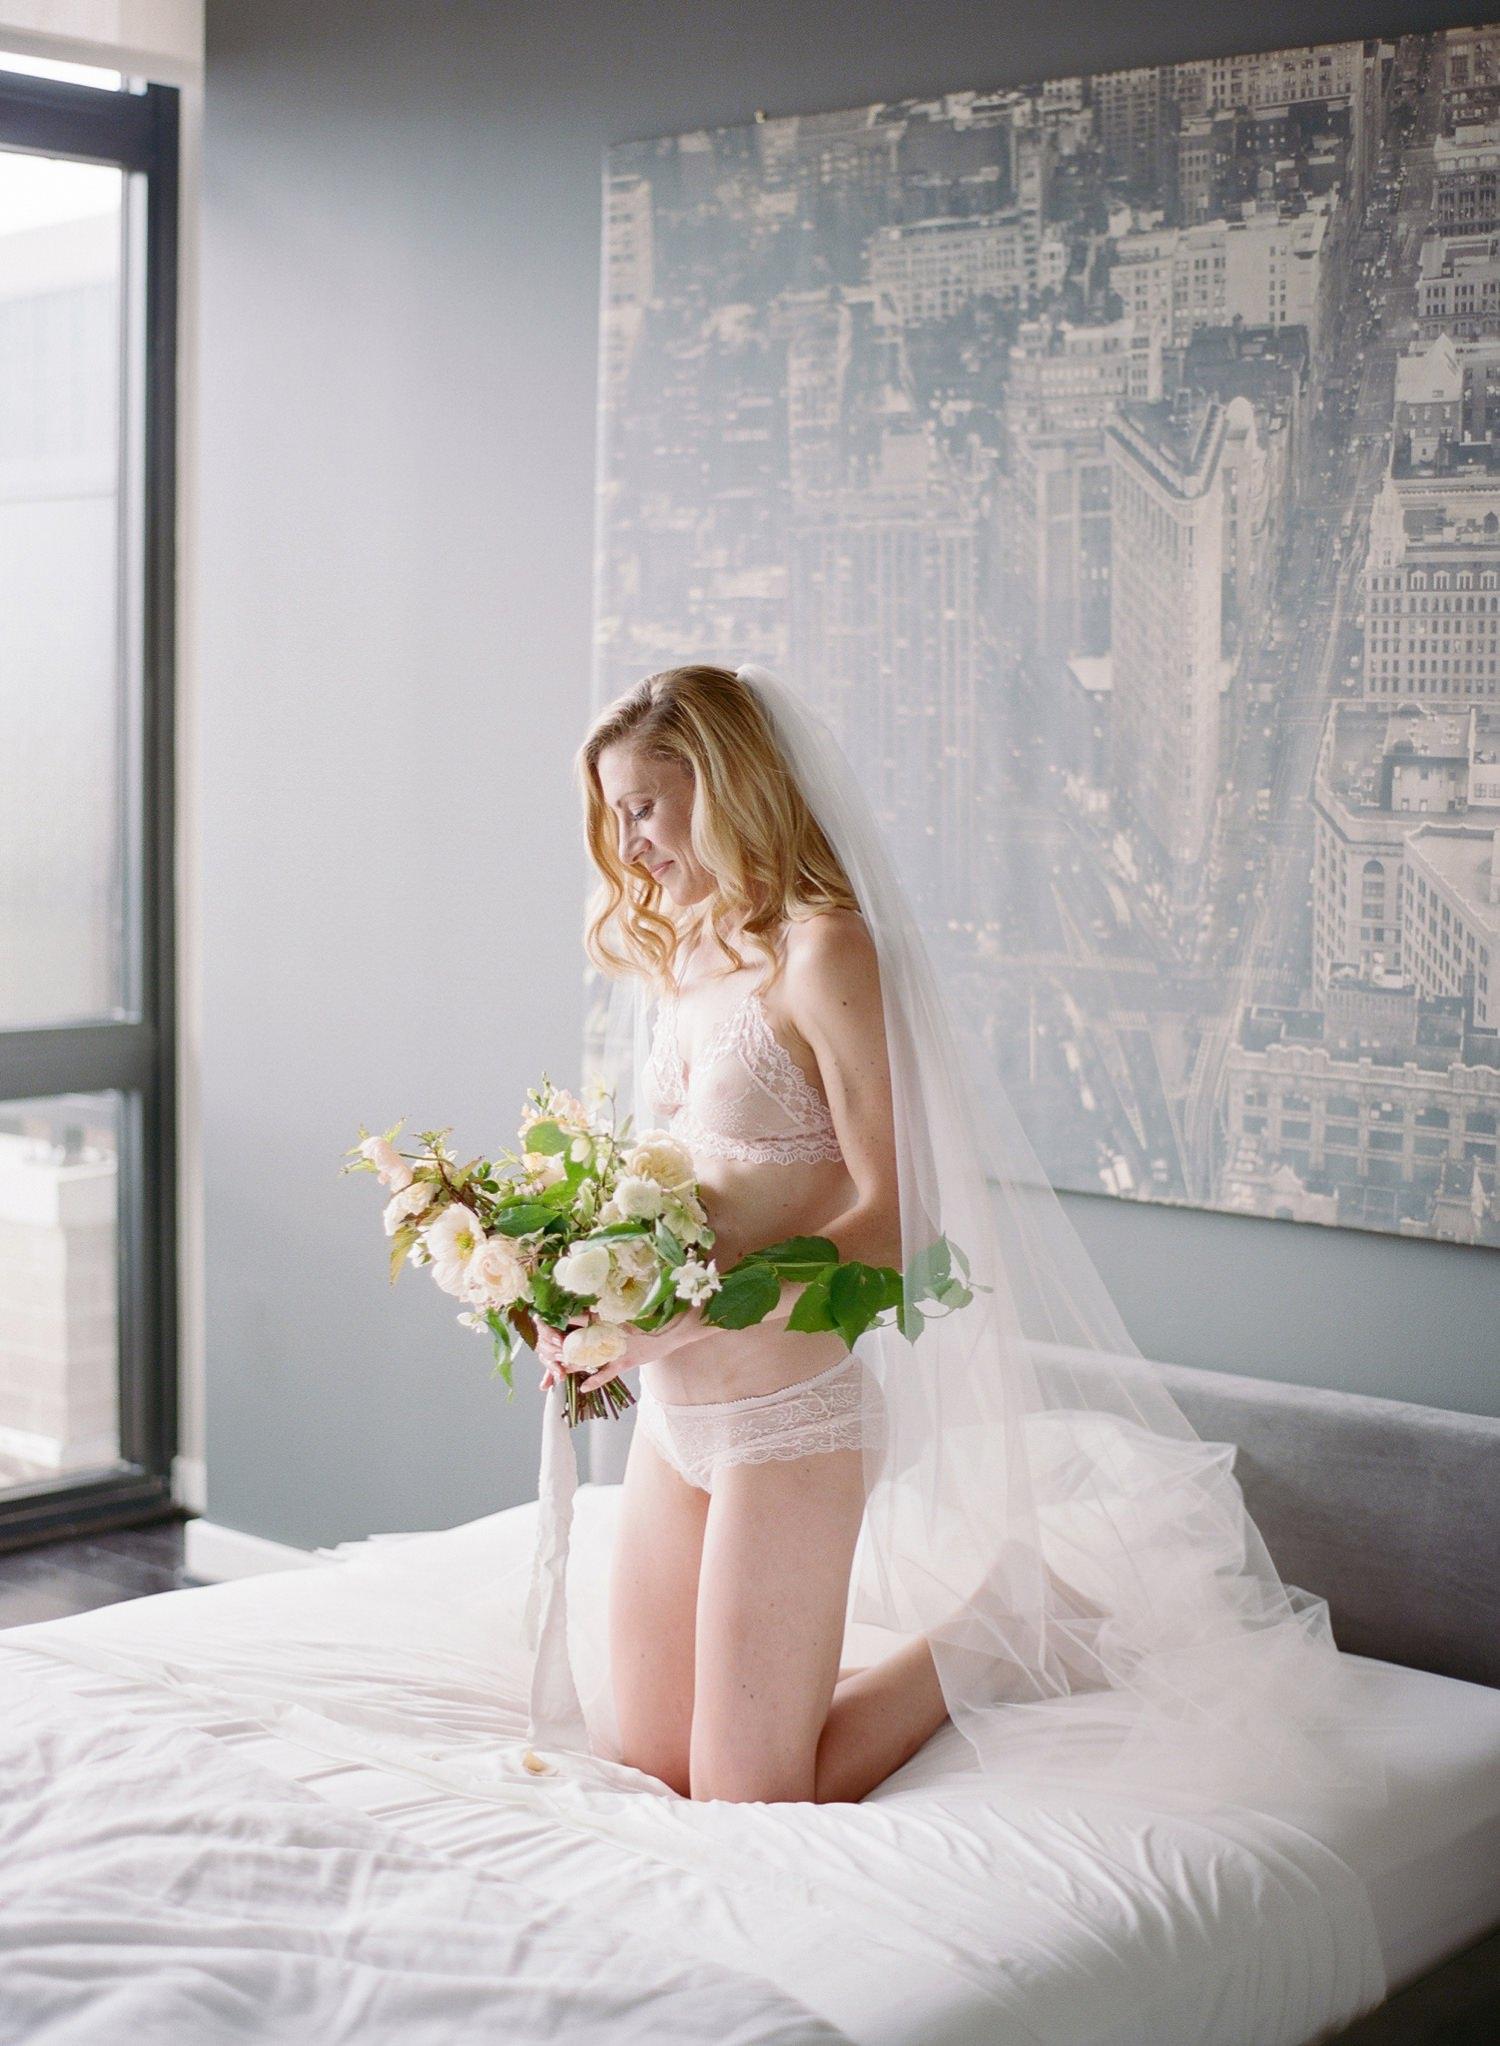 dc boudoir photographer